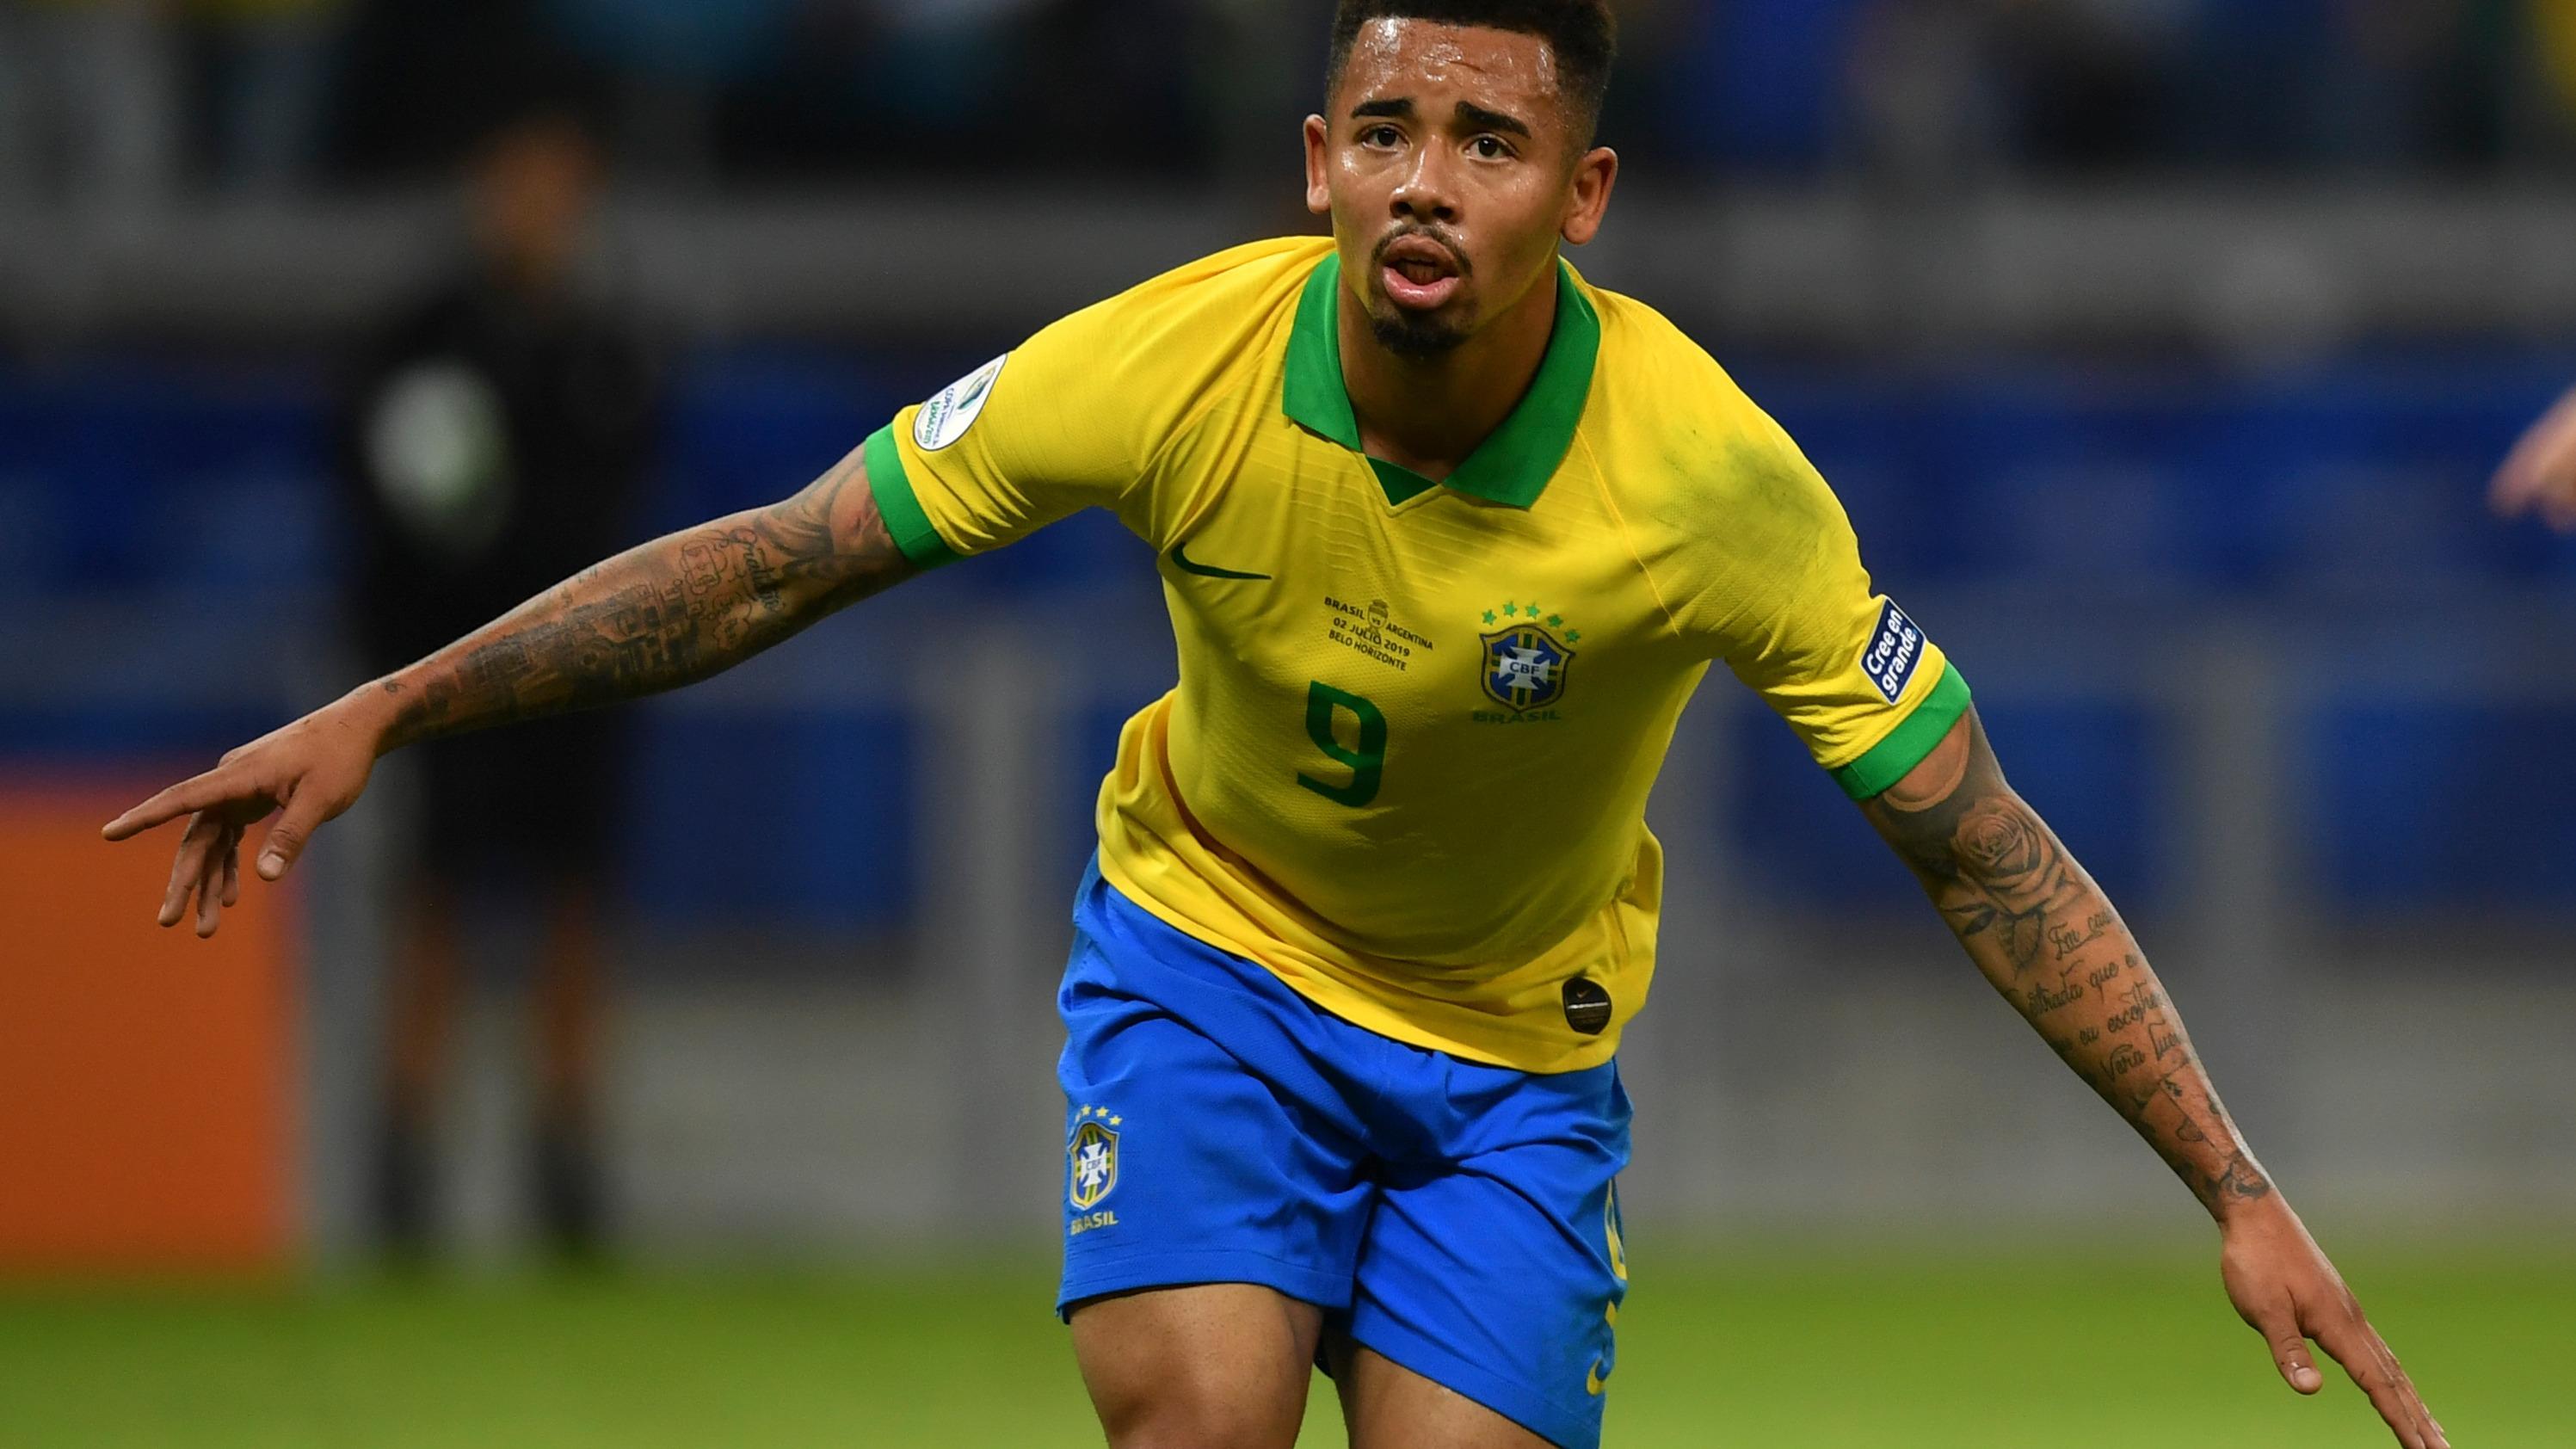 Gabriel Jesús y Firmino anotaron los goles que le dieron la clasificación a Brasil a la final de la Copa América 2019